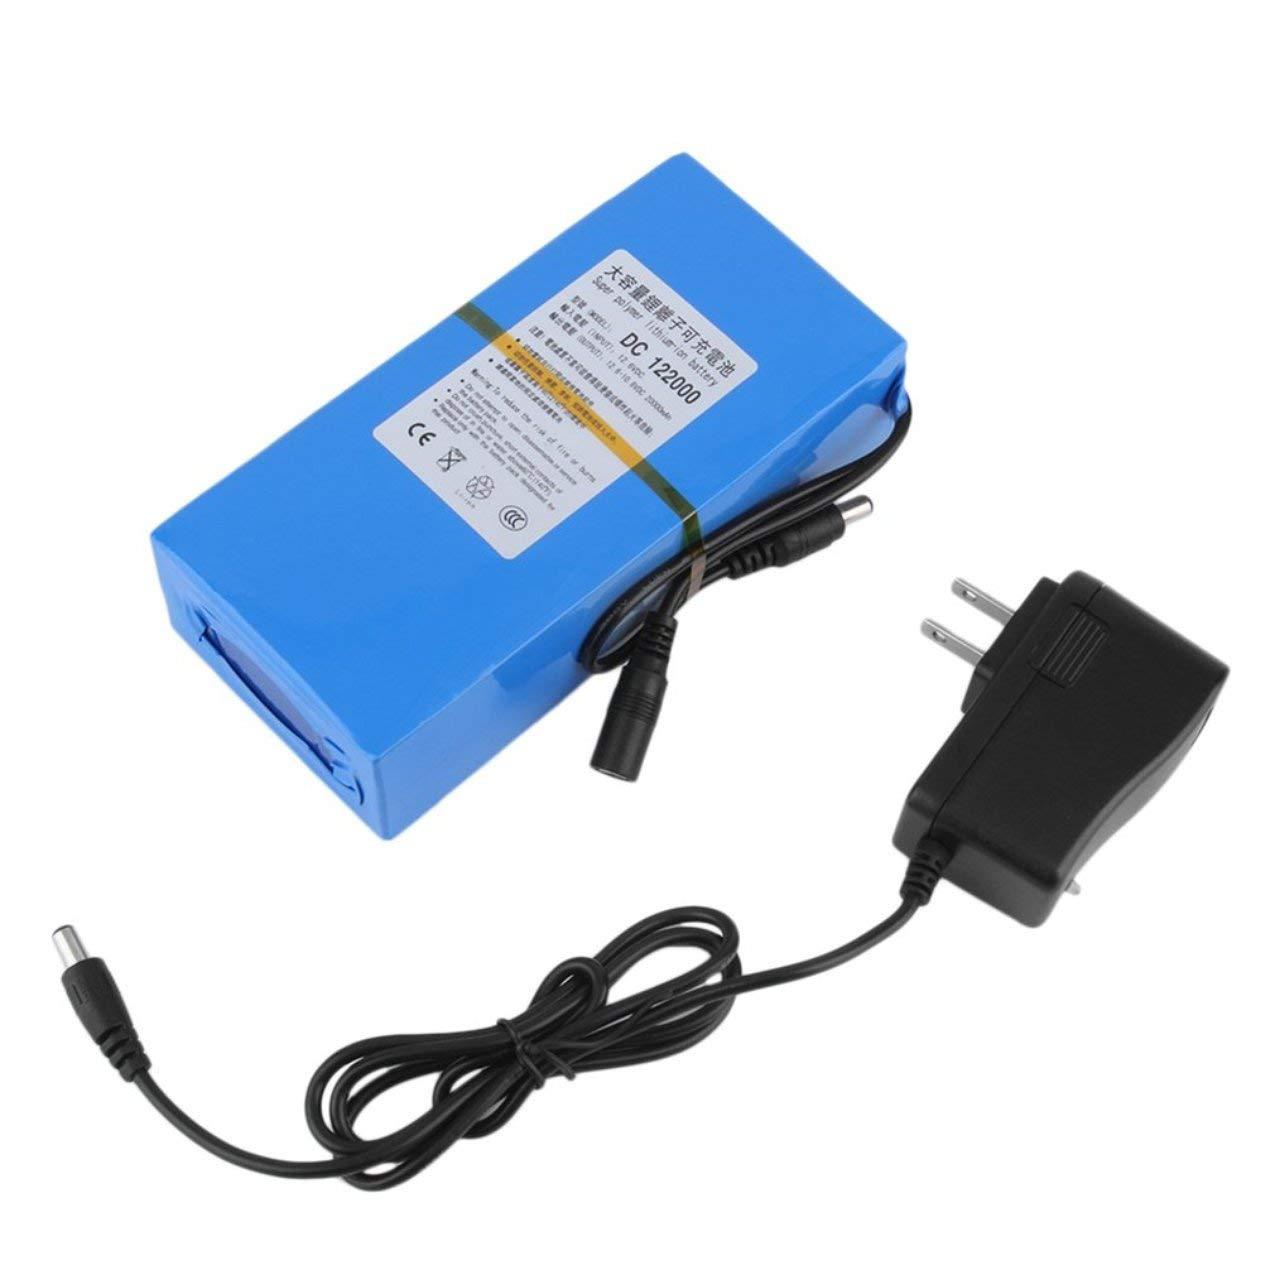 20000mAh 10, 8 V-12, 6 V DC Batteria ricaricabile ai polimeri di litio agli ioni di litio con indicatore di funzionamento + Caricatore di alimentazione CA Spina USA Redstrong